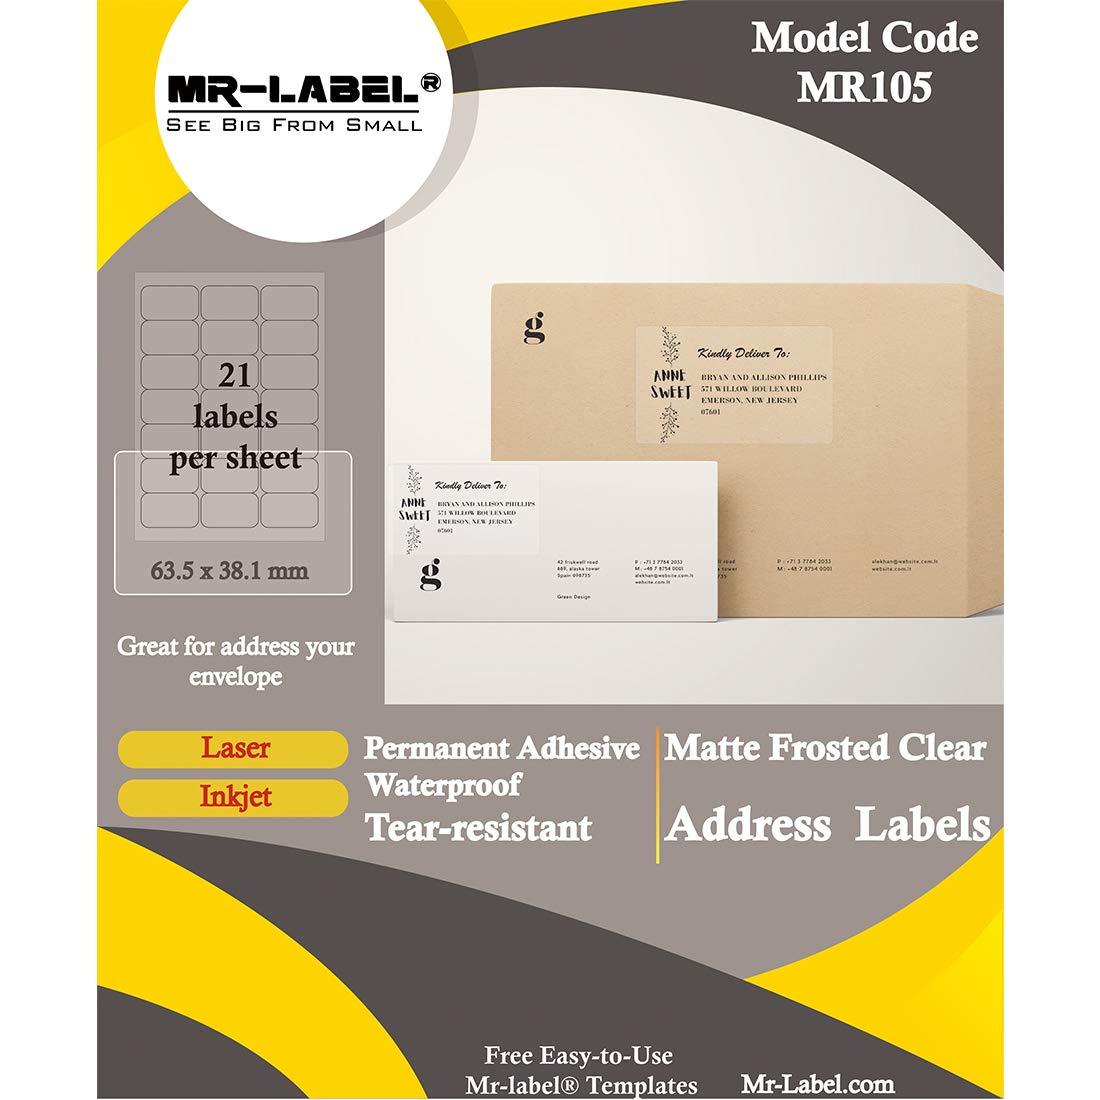 para frascos 210 etiquetas 63.5 x 38.1 mm Sobres MR-Label Etiquetas de direcci/ón transparentes para impresora de inyecci/ón de tinta y l/áser impermeables y resistentes a la rotura